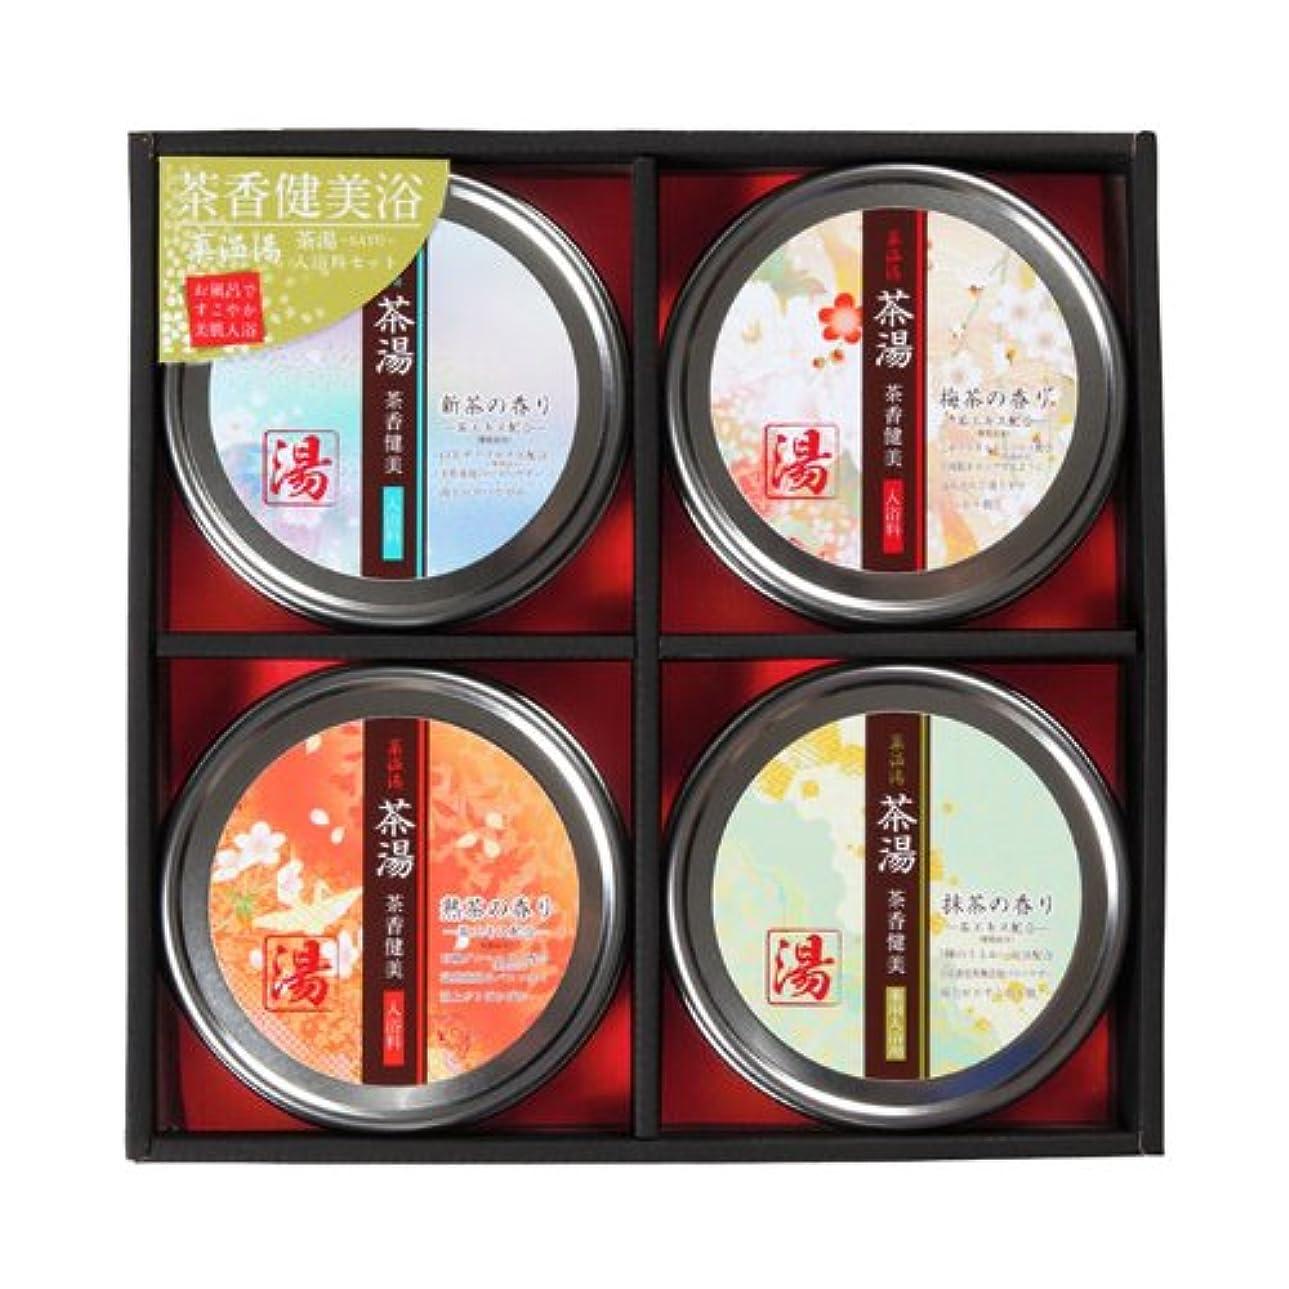 ミネラル夫婦グレートオーク薬温湯 茶湯ギフトセット POF-40